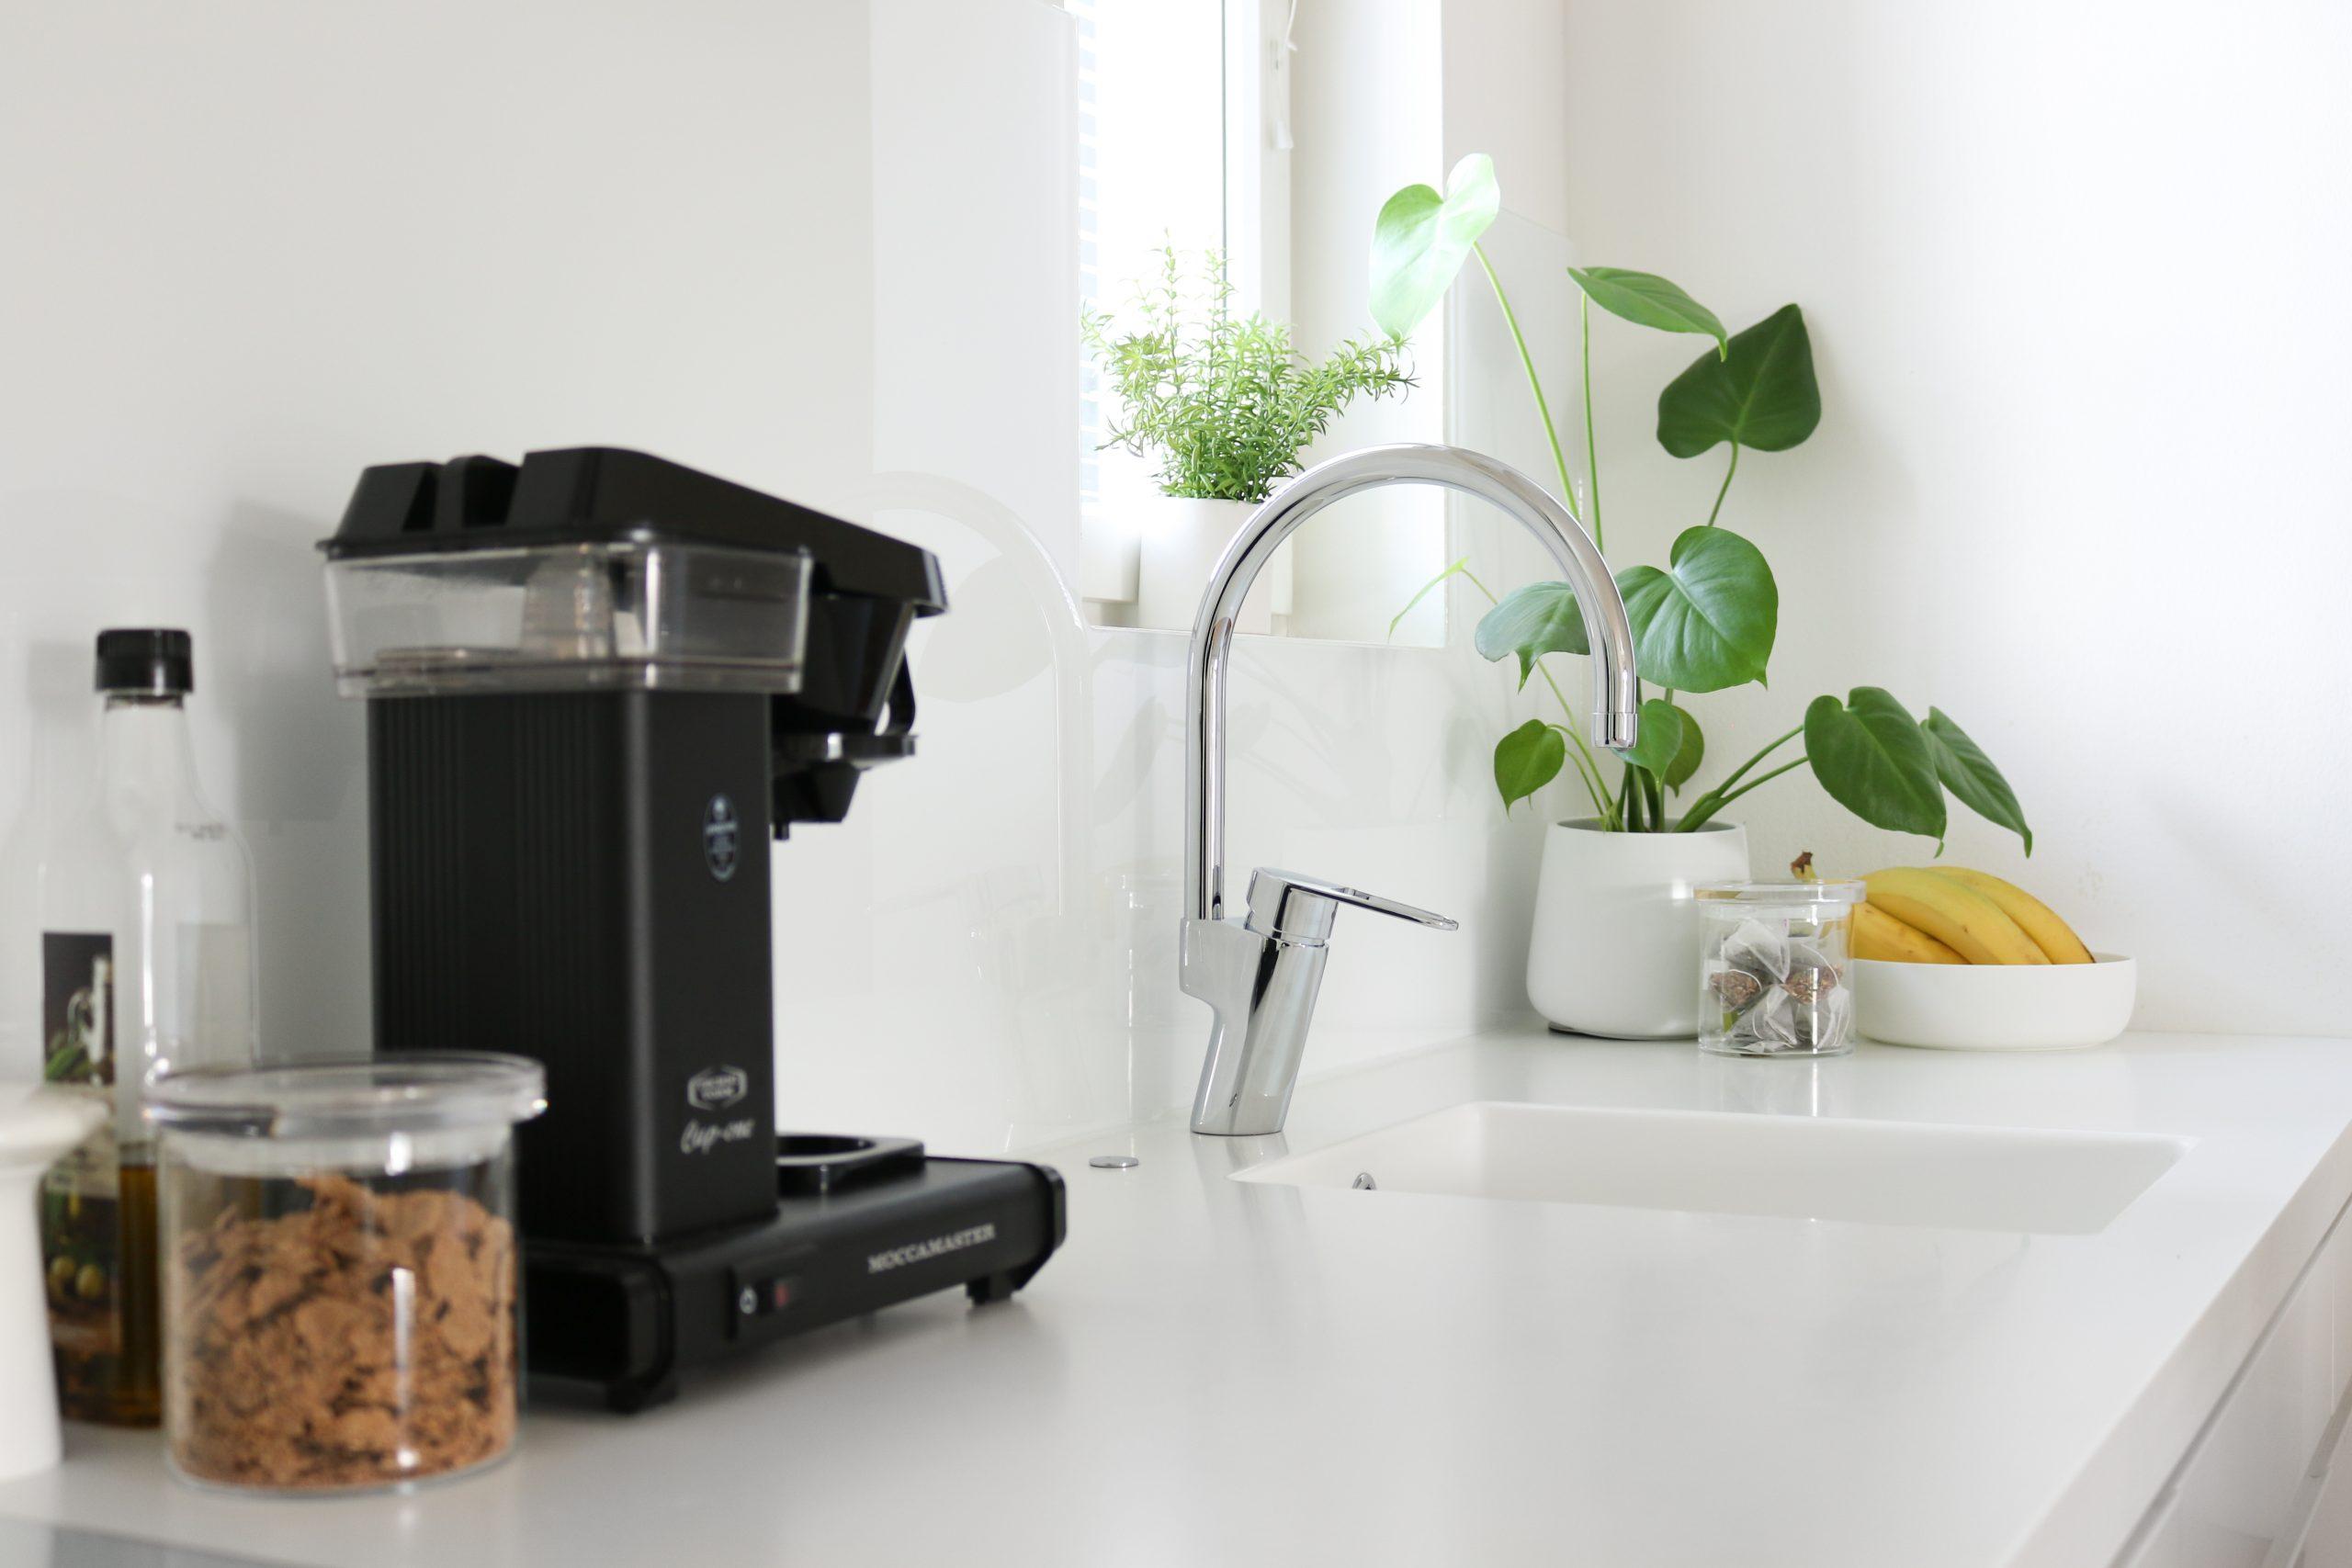 Tyylikäs keittiöhana Gustavsberg Nautic on ekologinen ja energiatehokas valinta - Omakotivalkoinen sisustusblogi